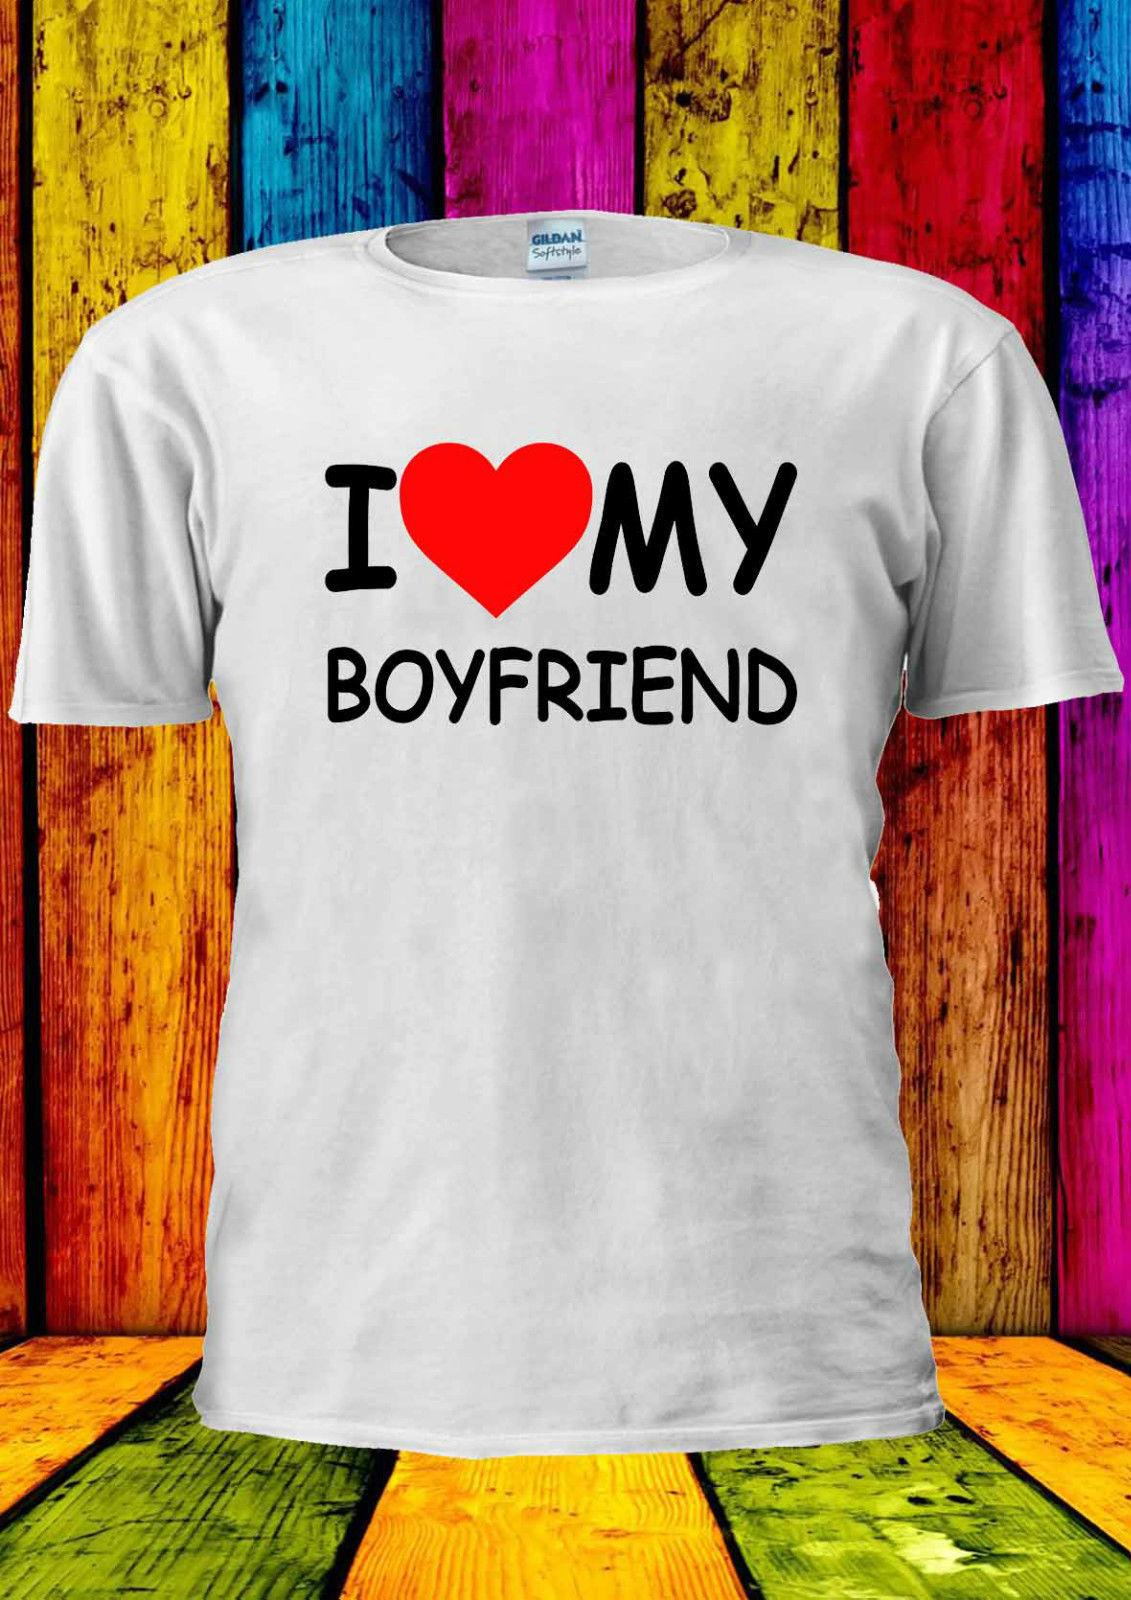 Con Me Camiseta Novio Shirt Top Unisex De Sudadera Croata Encanta Heart Chaqueta Mi Tumblr Hombres Mujeres T Nuevo Hip Capucha Cuero Hop Chaleco QrCxBeoEdW